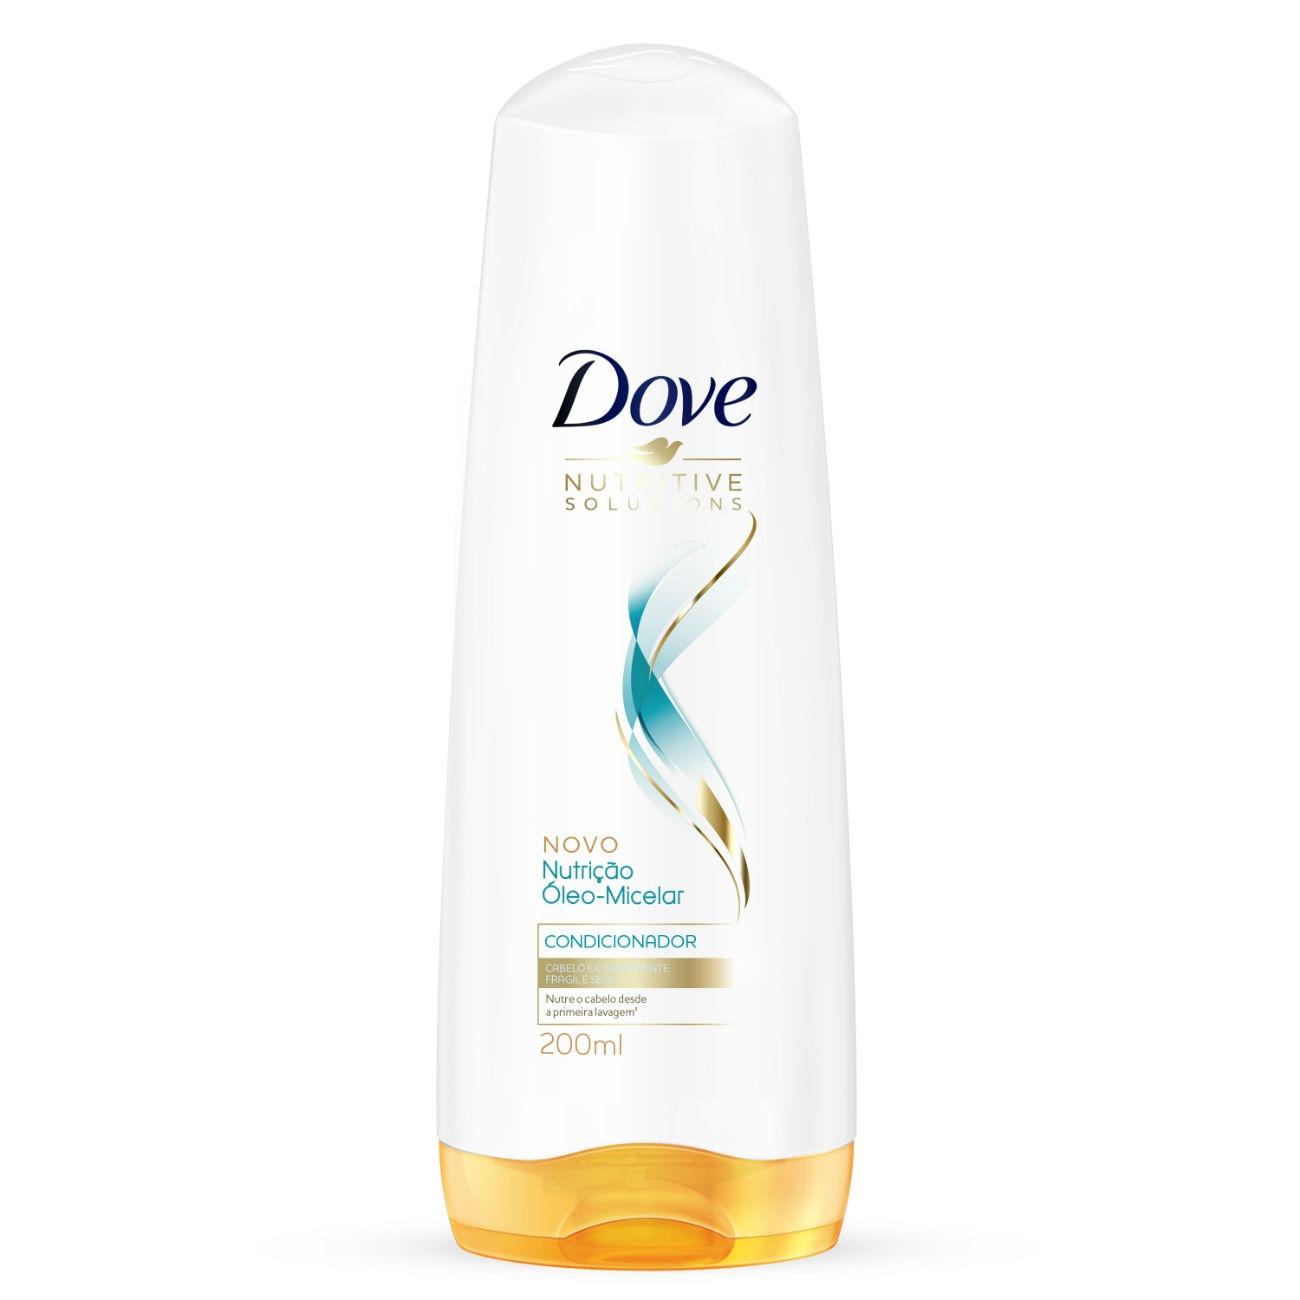 Condicionador Dove Nutrição Óleo-Micelar 200ml